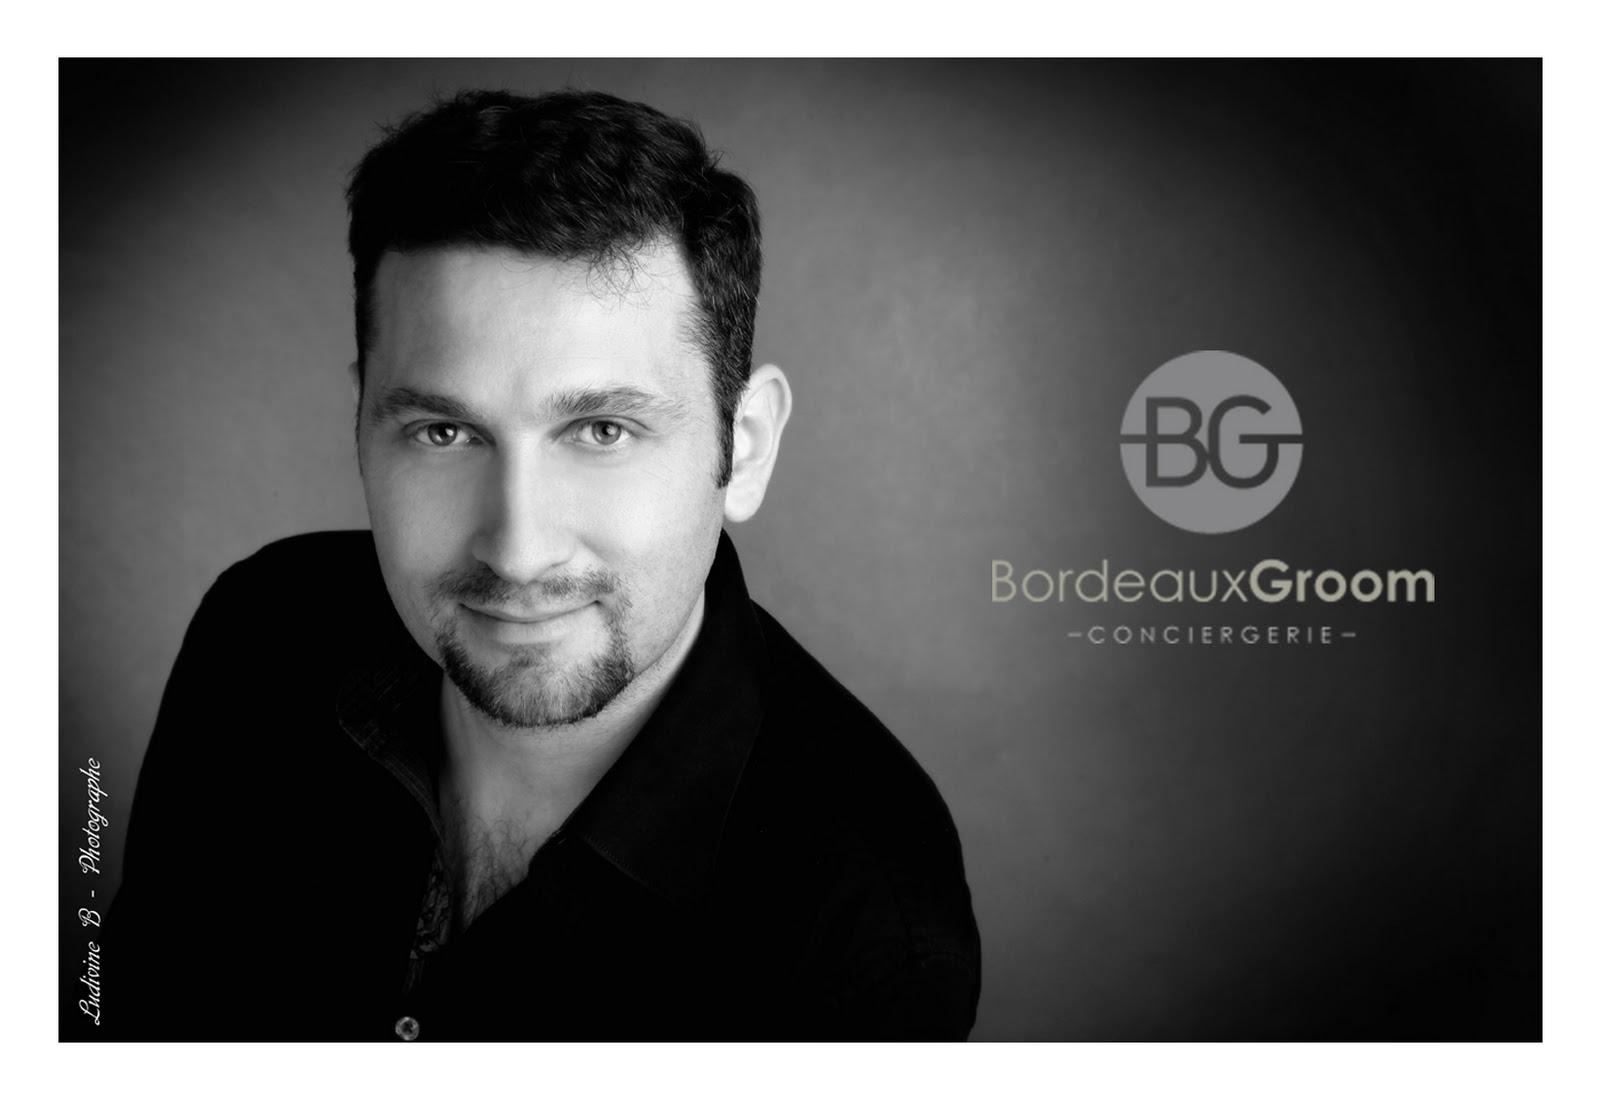 Bordeaux Groom, votre concierge privé !